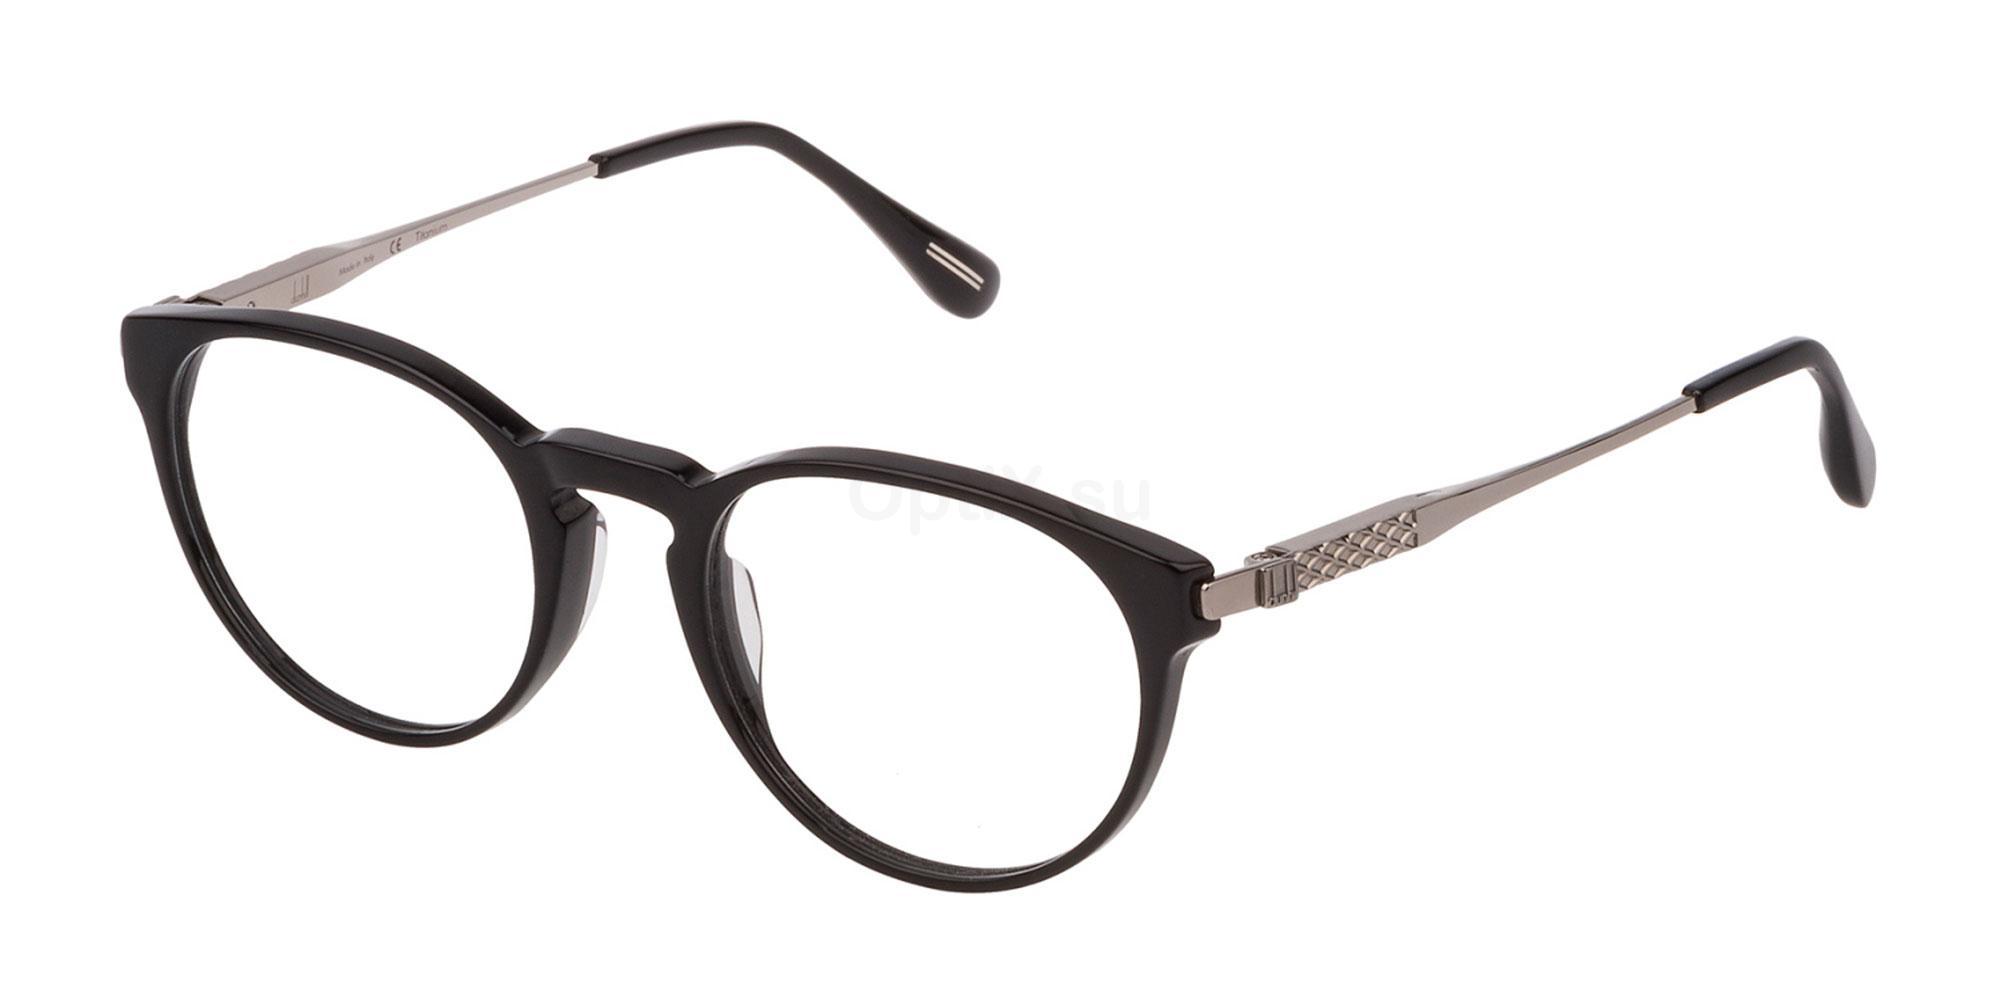 0700 VDH144 Glasses, Dunhill London